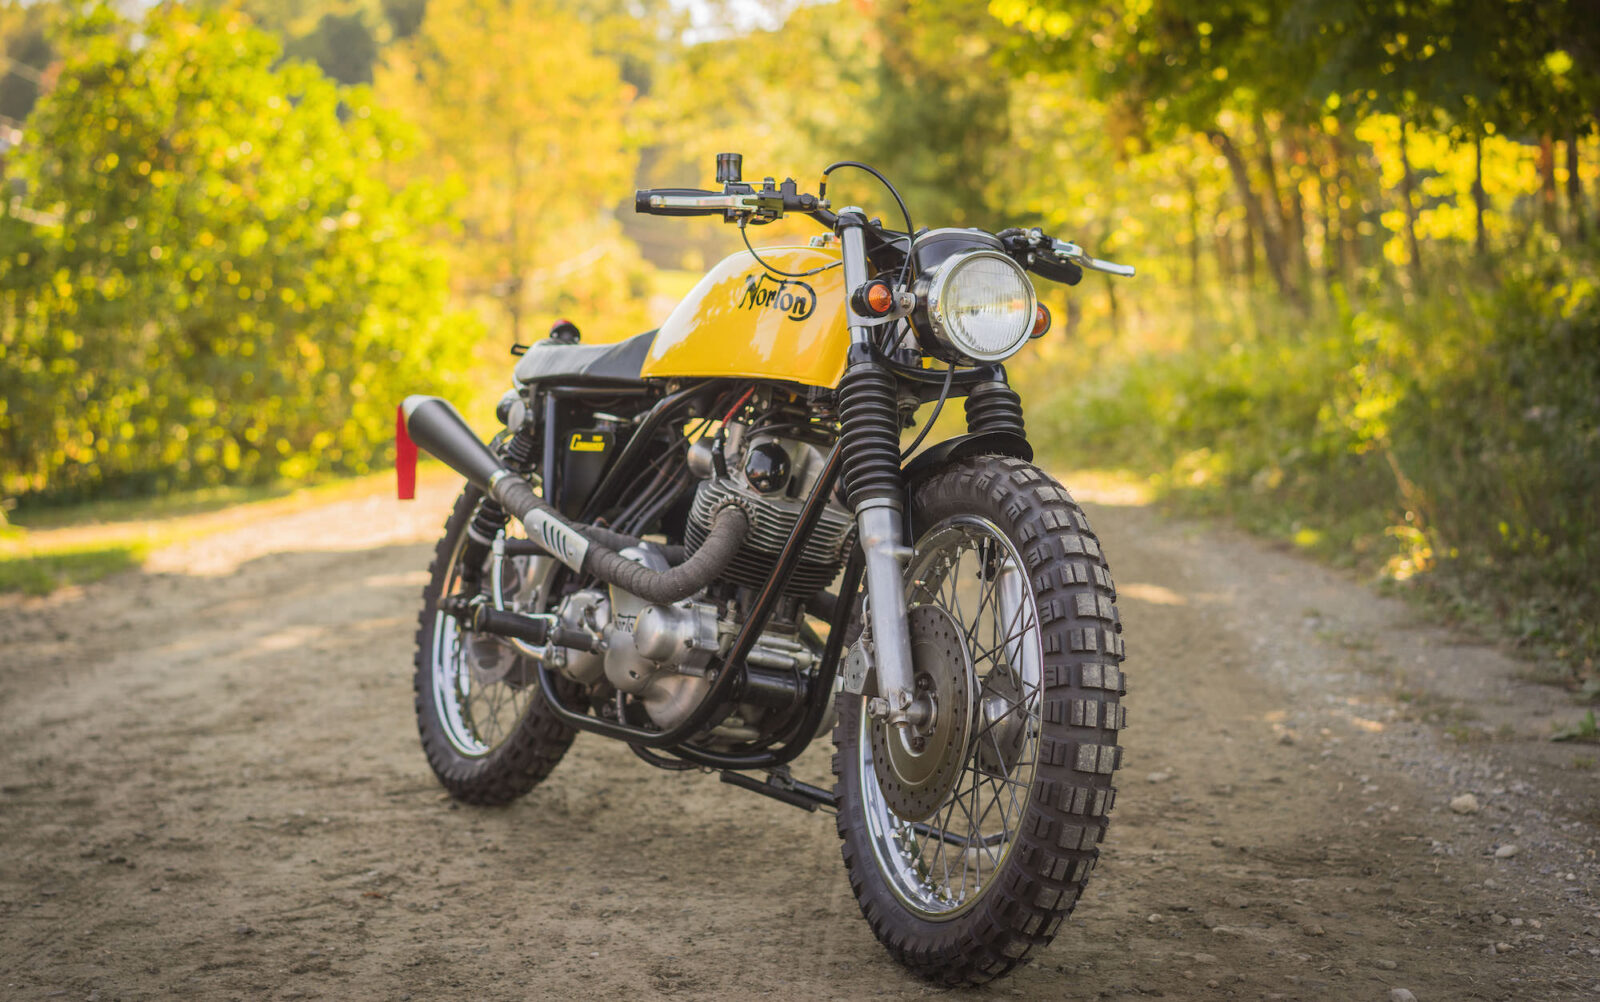 Norton Commando Motorcycle 10 1600x1002 - Norton Commando Scrambler